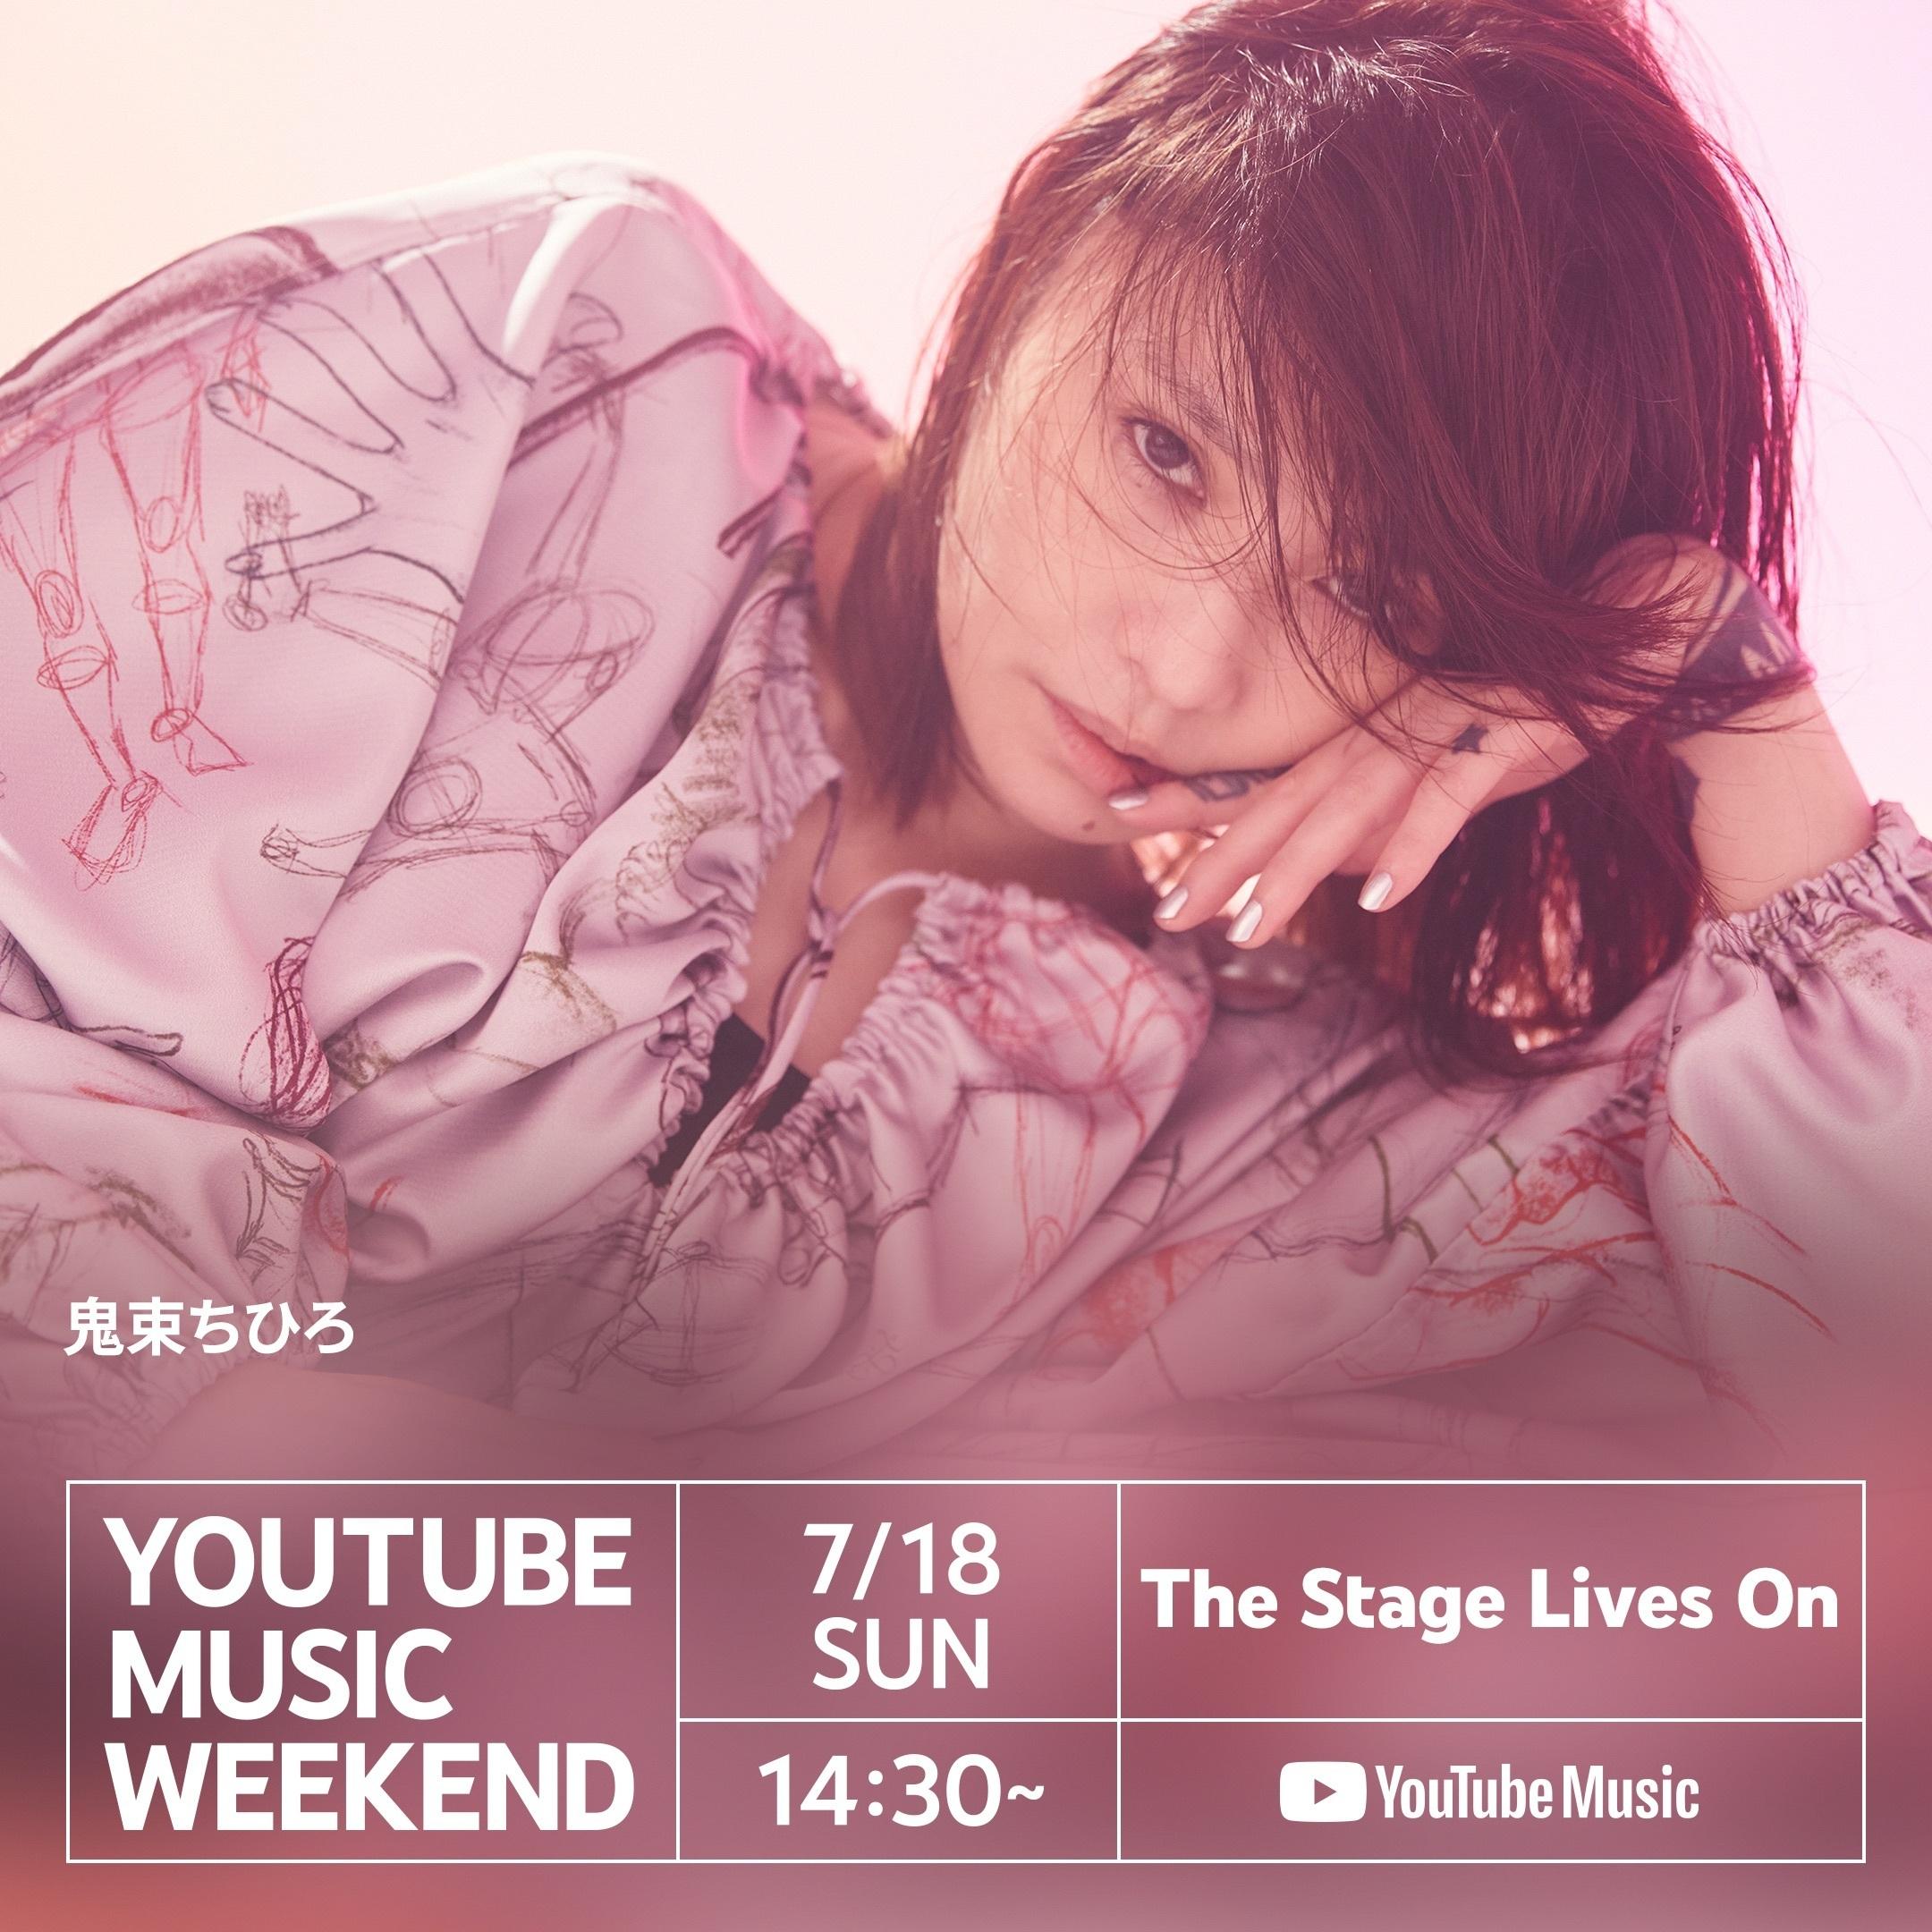 YouTube Music Weekend